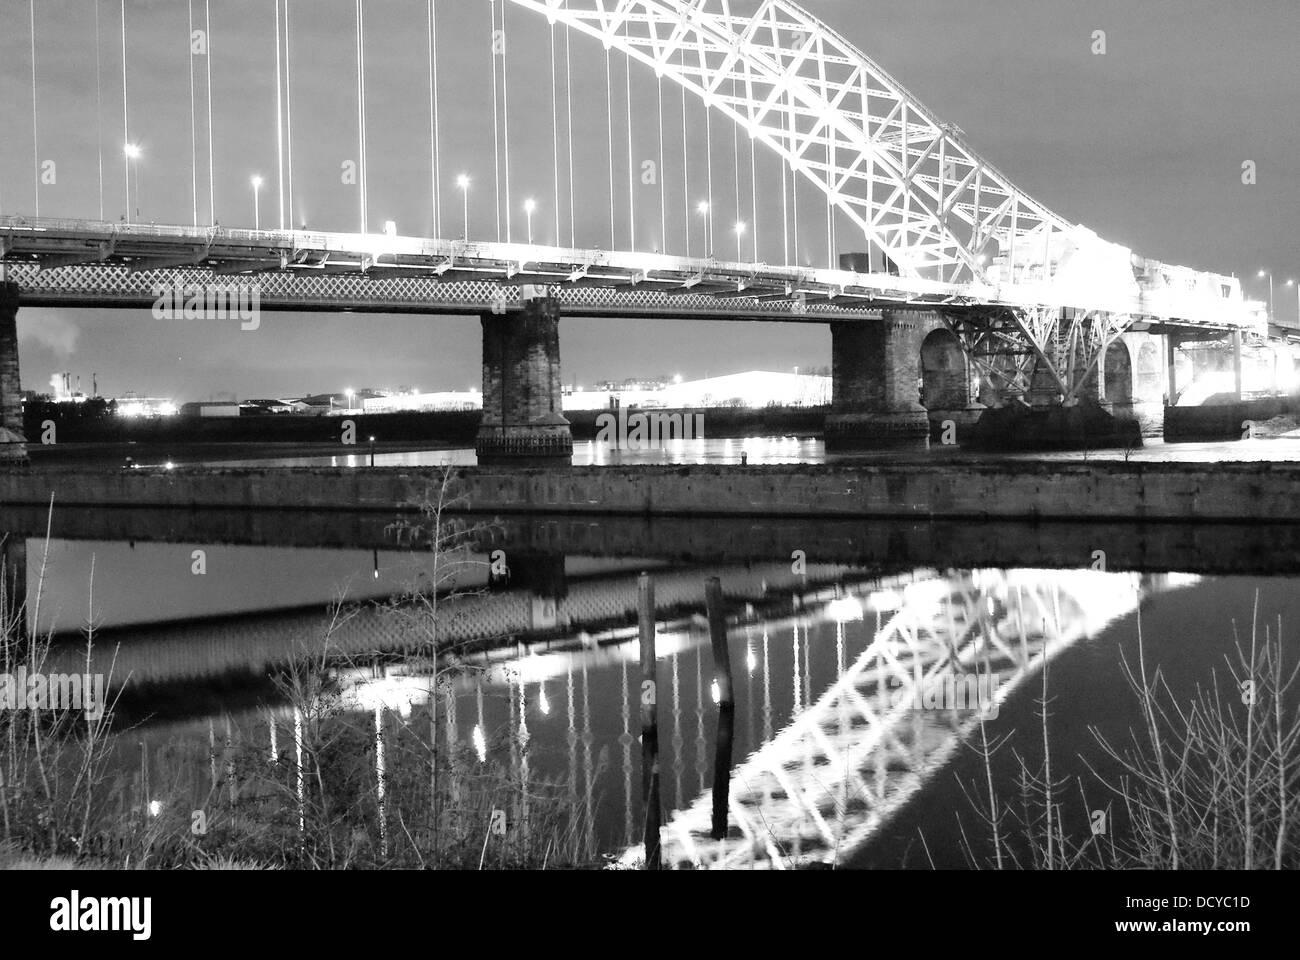 Runcorn Widnes Bridge - Stock Image